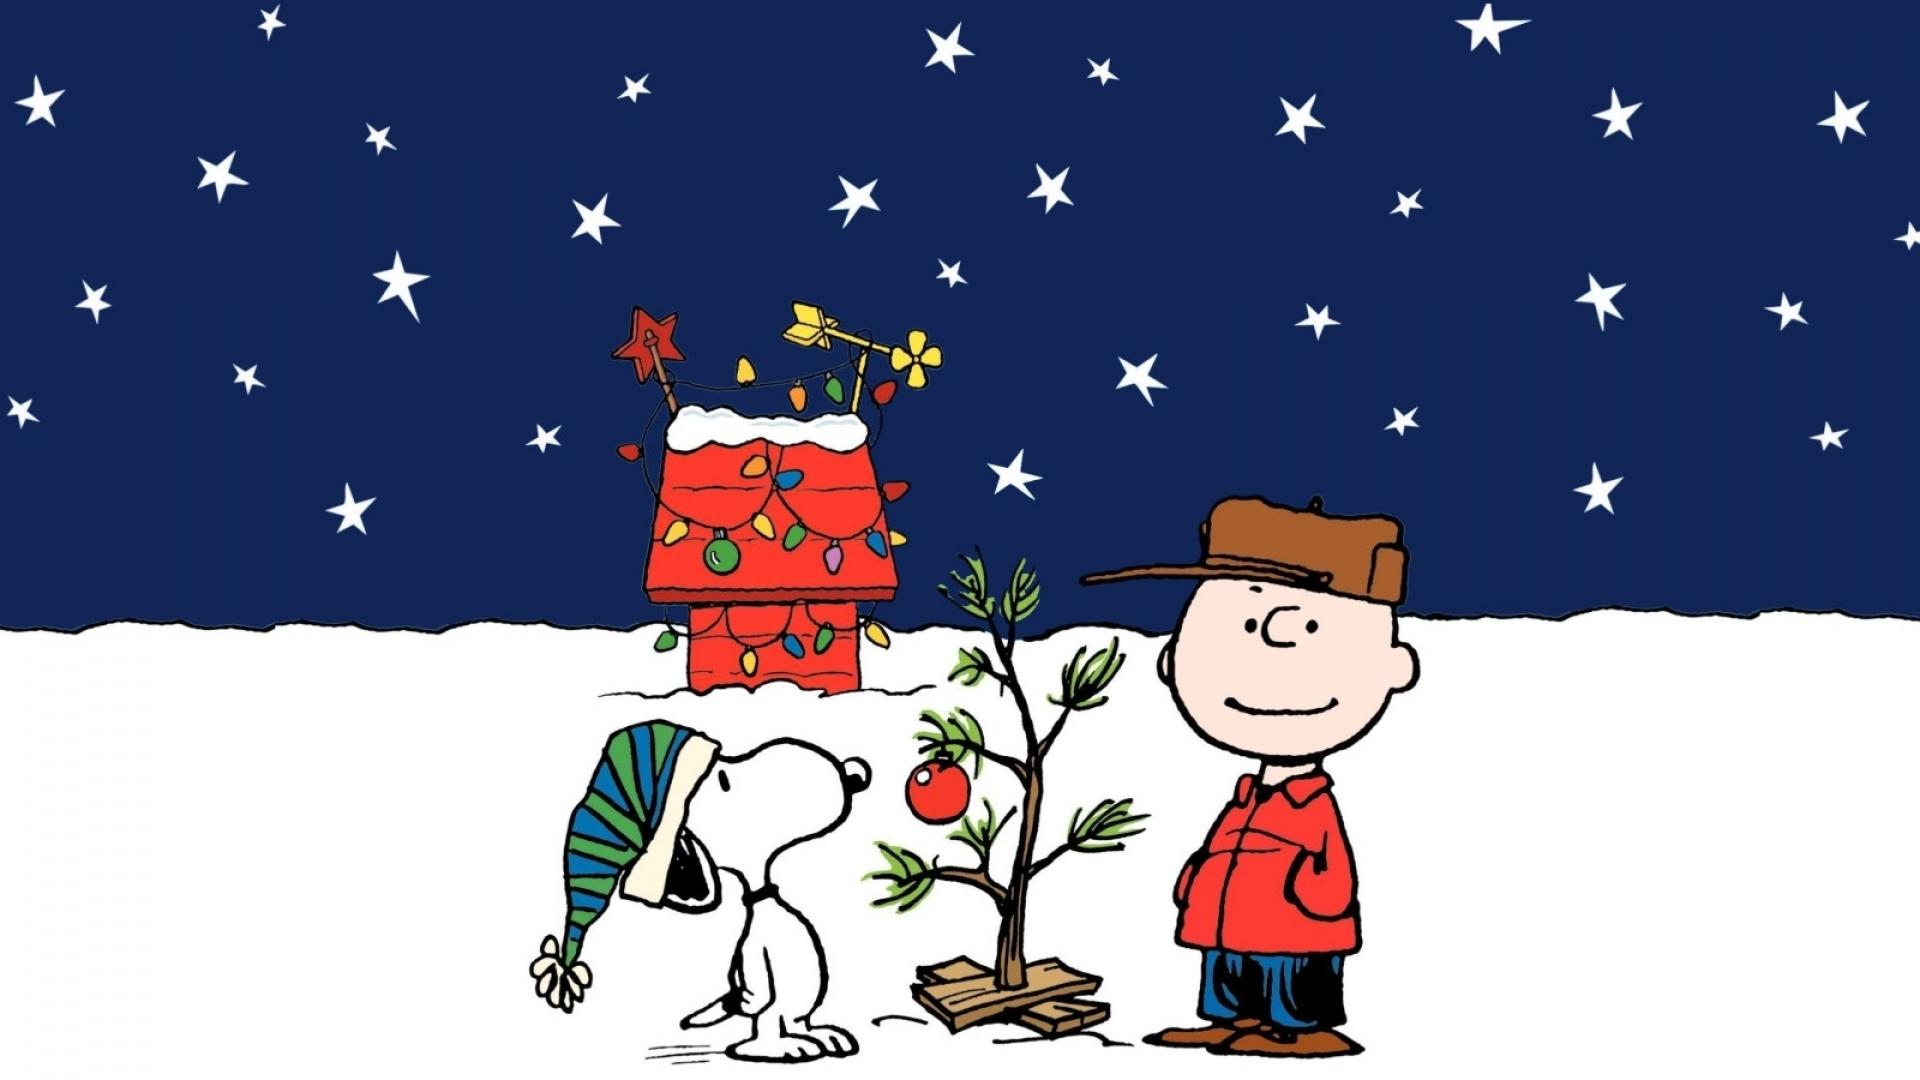 Snoopy Christmas Wallpaper photos